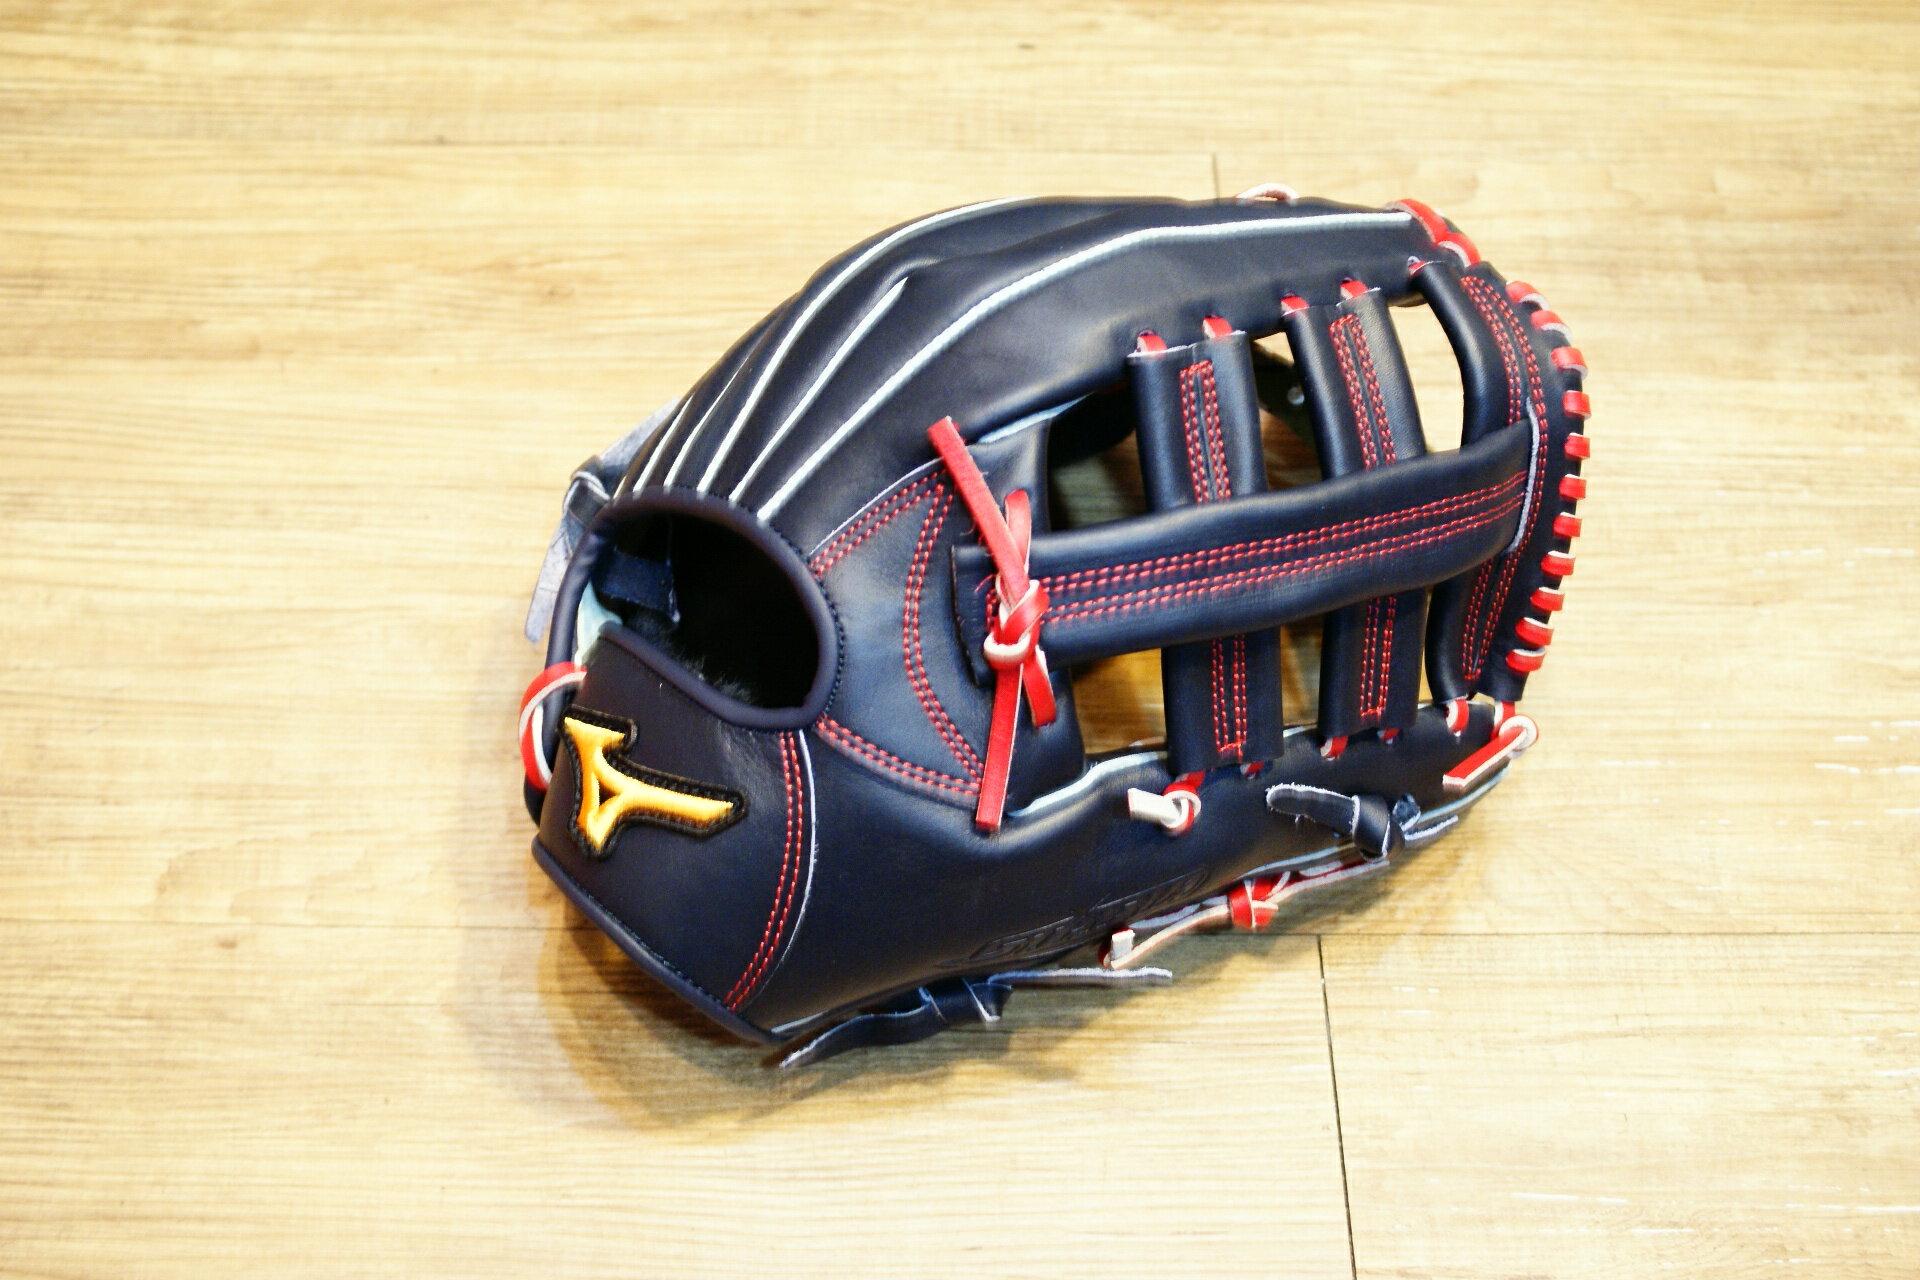 棒球世界 Mizuno 美津濃 STARIA 壘球手套 1ATGS50660 特價 外野雙十字 丈青色